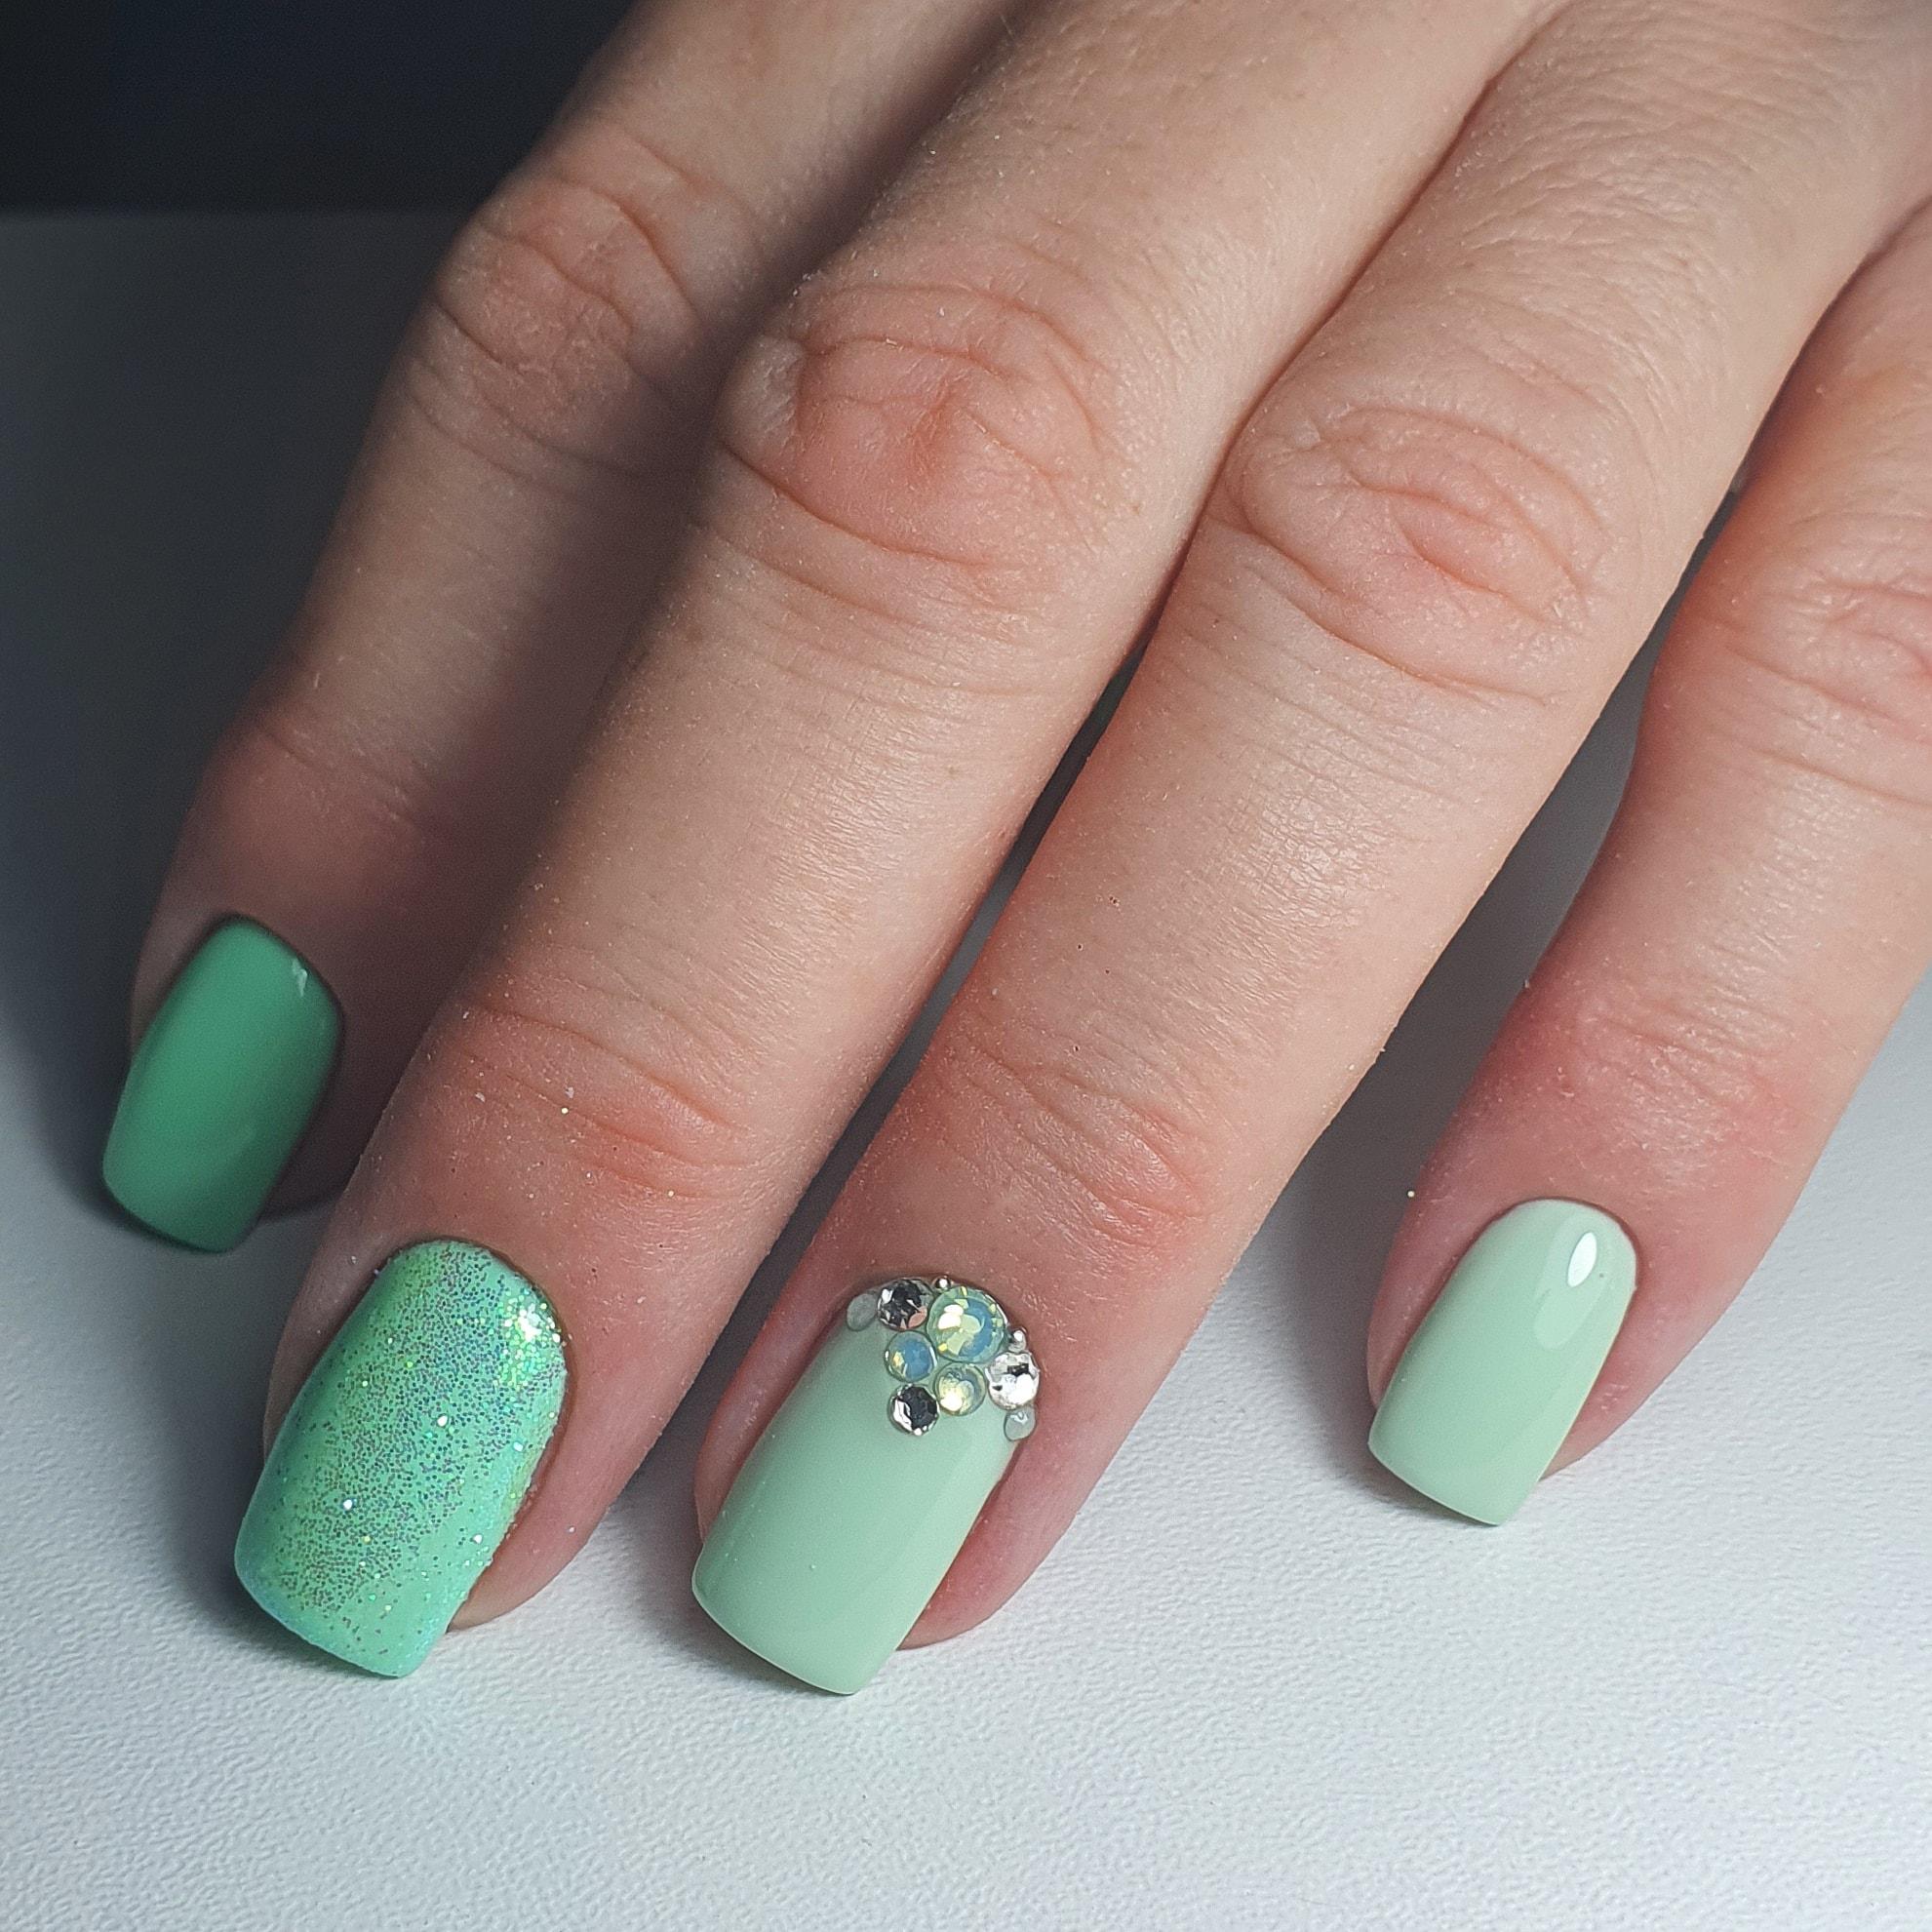 Маникюр с блестками и стразами в салатовом цвете на короткие ногти.